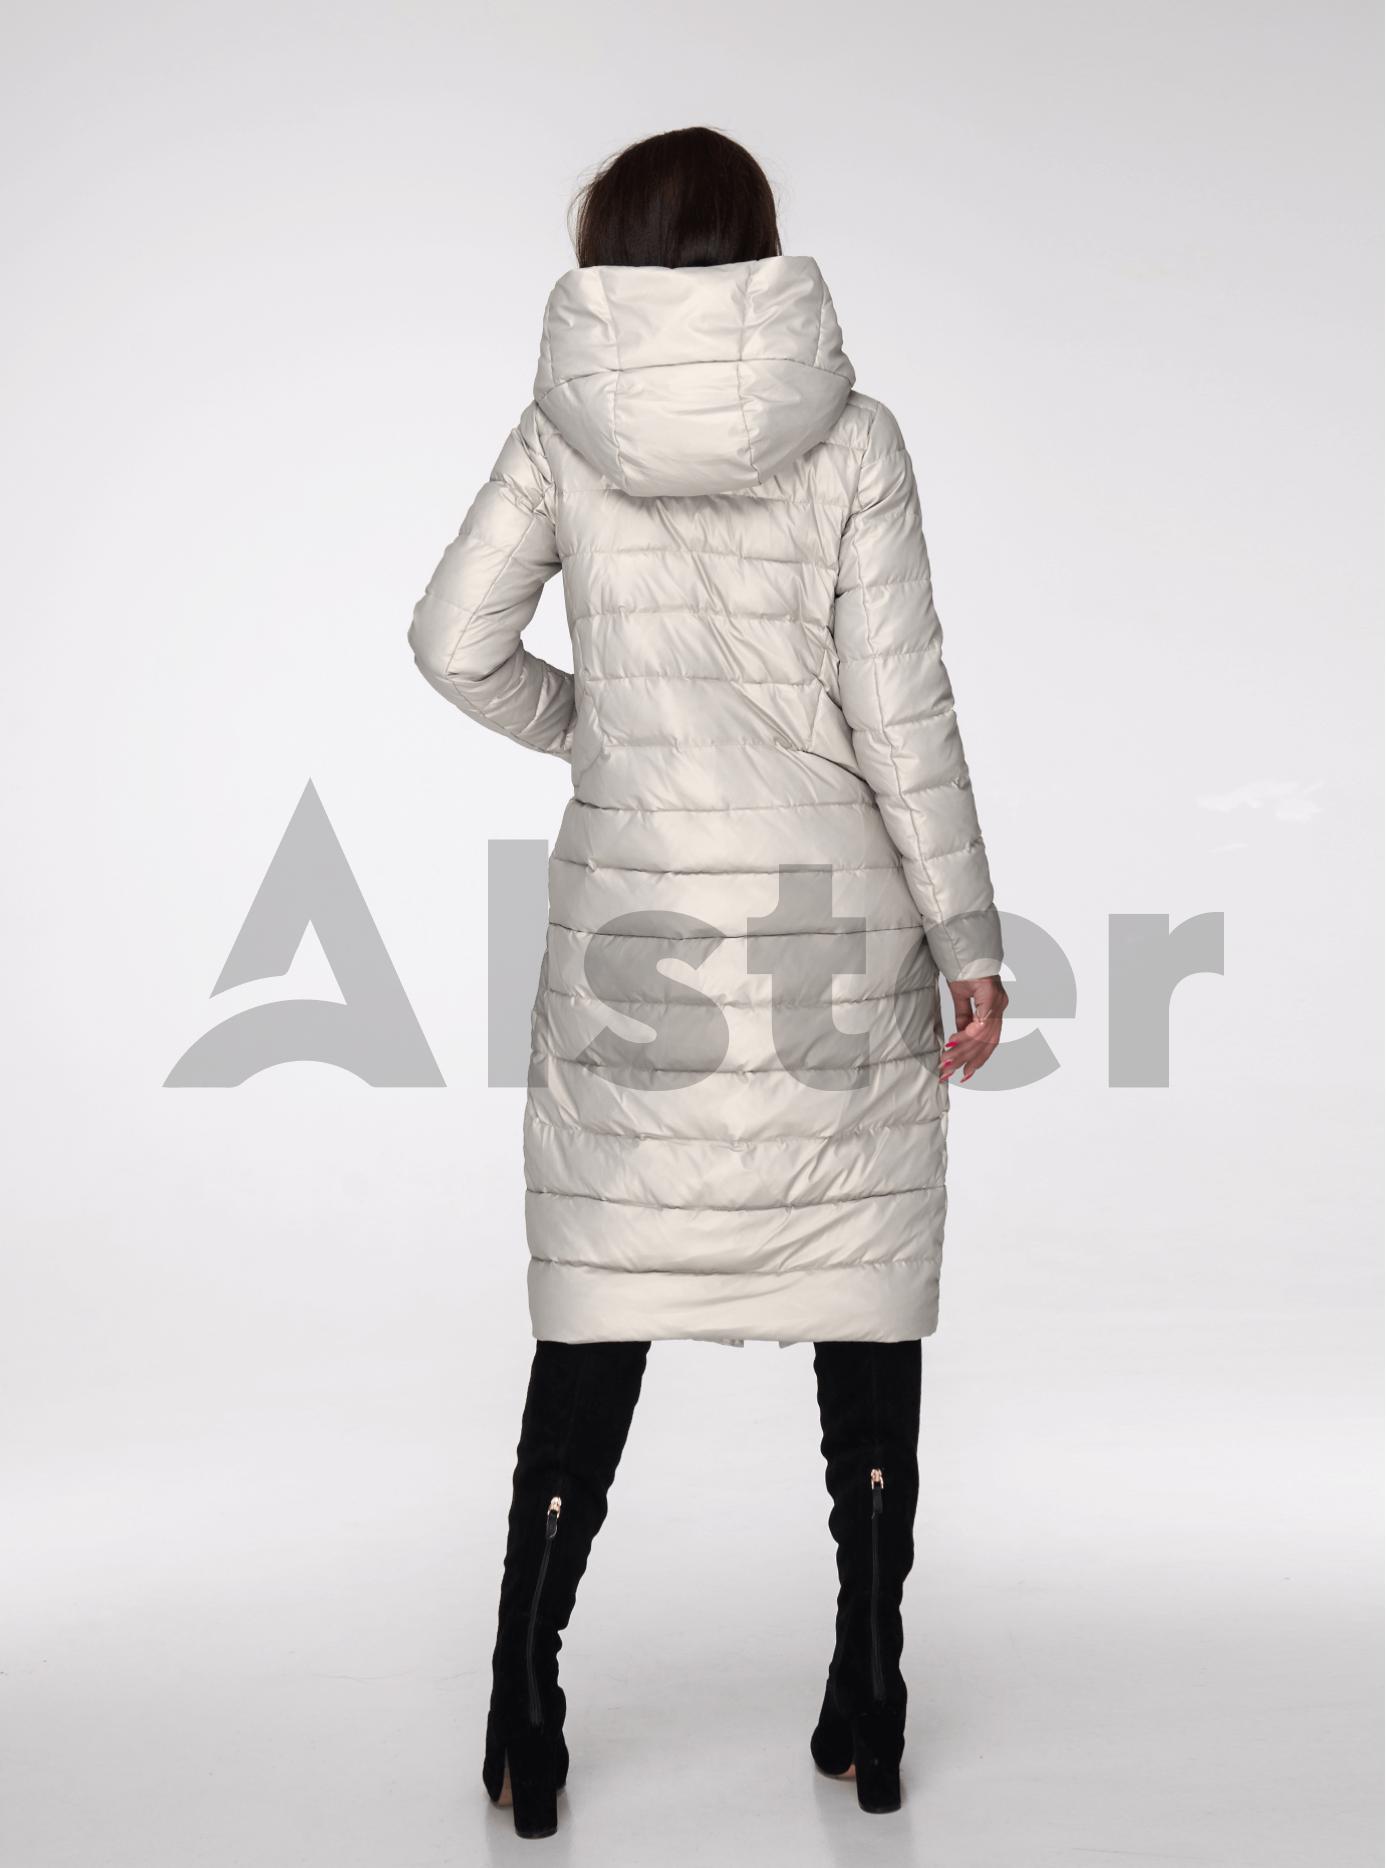 Куртка зимова довга пряма Молочний S (05-ZL2407): фото - Alster.ua